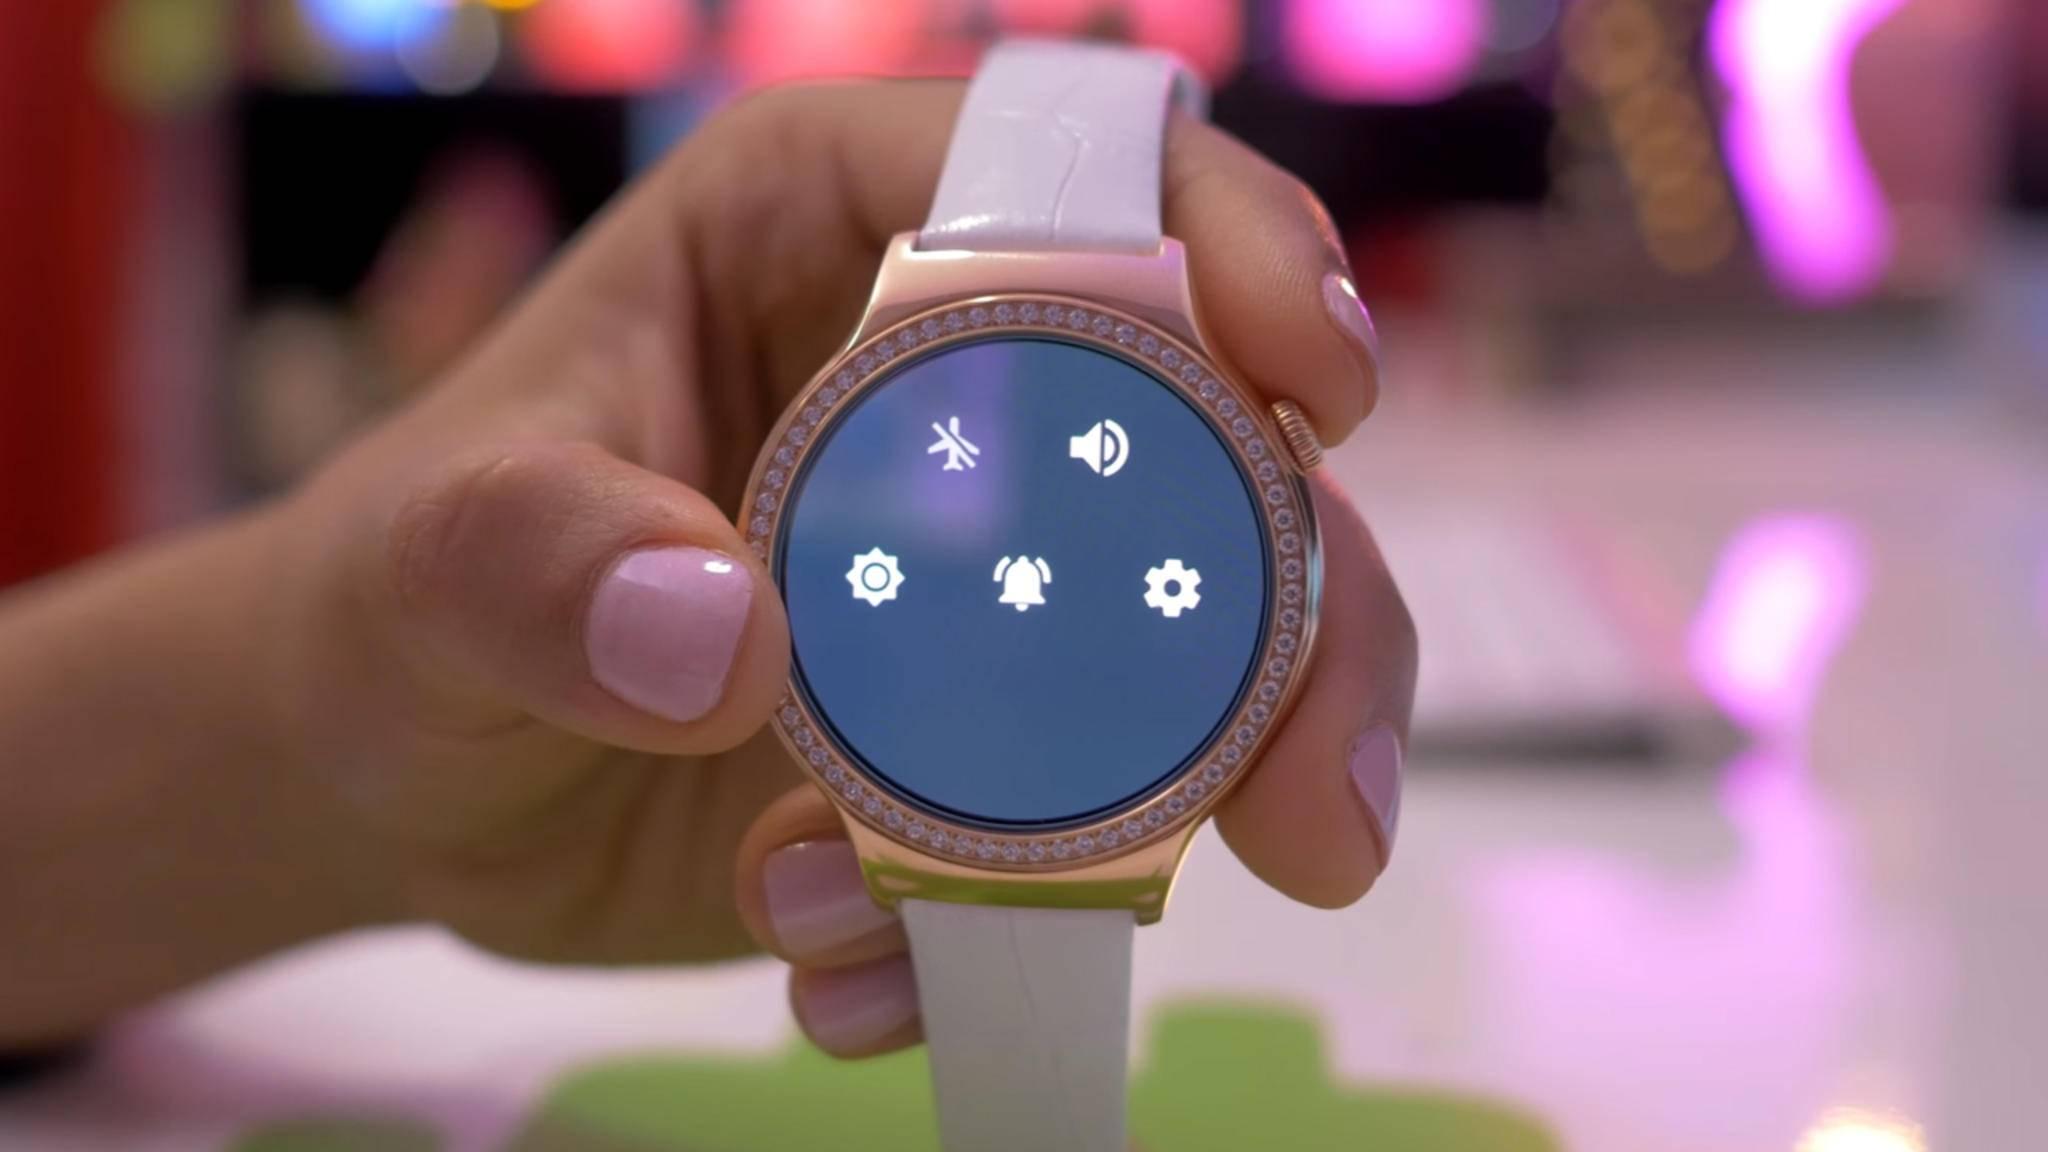 Android Wear 2.0 steht kurz vor dem finalen Release.